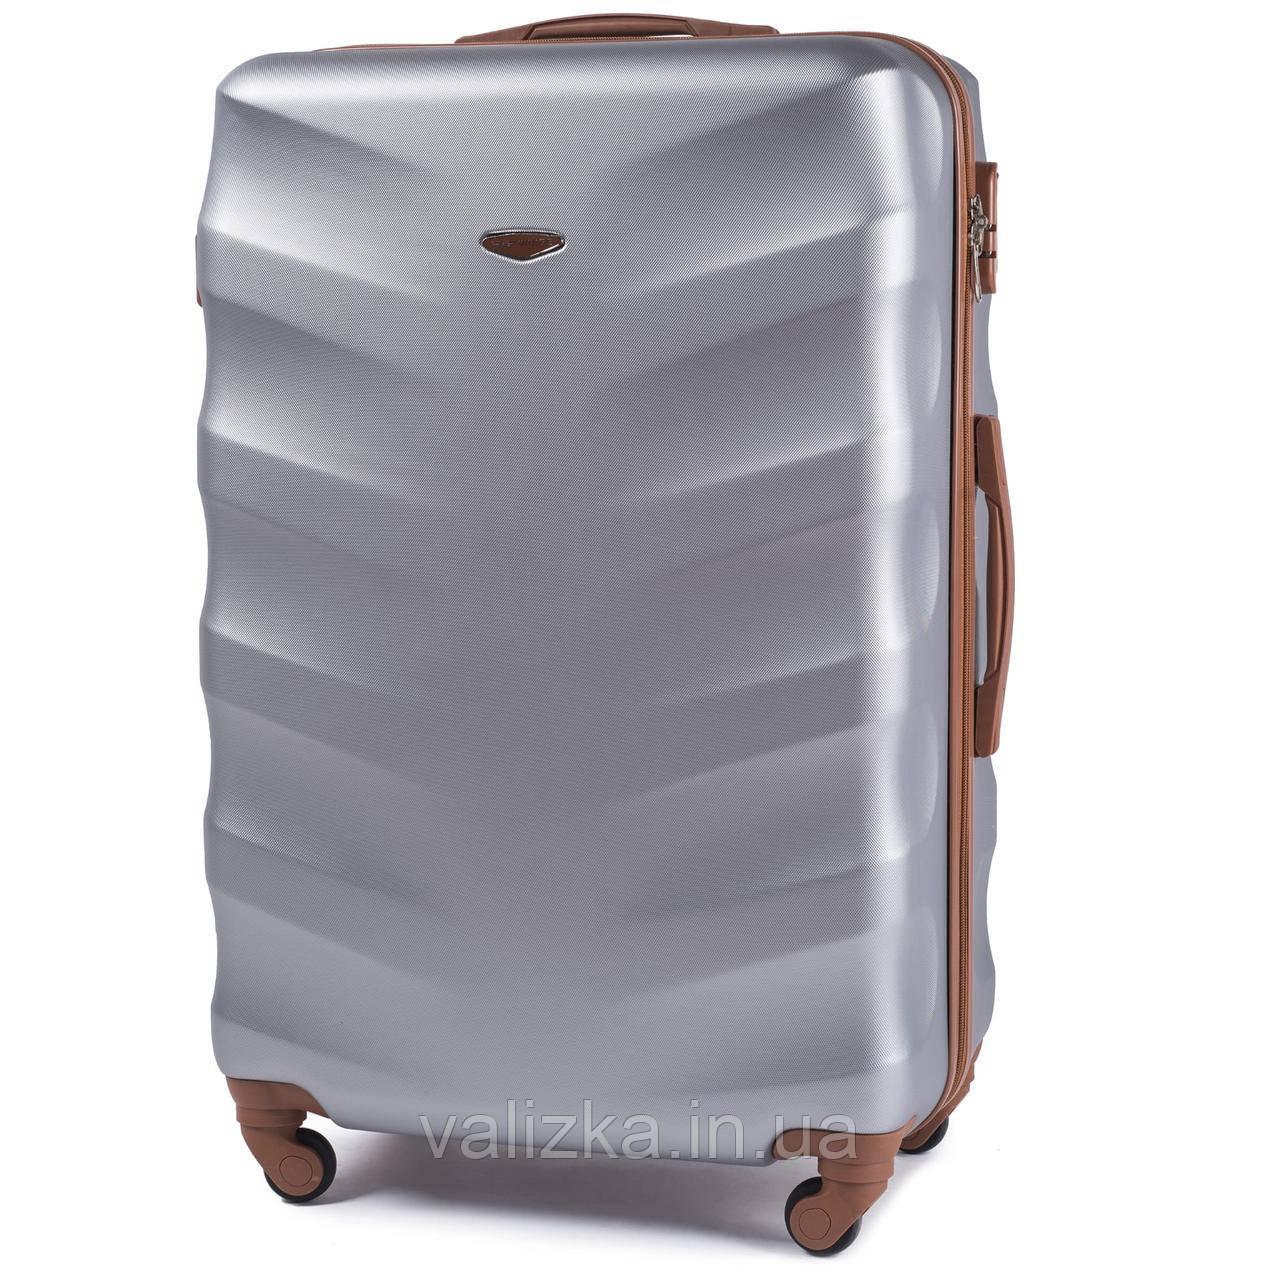 Большой чемодан из поликарбоната Wings с кофейной фурнитурой на 4-х колесах серебряный